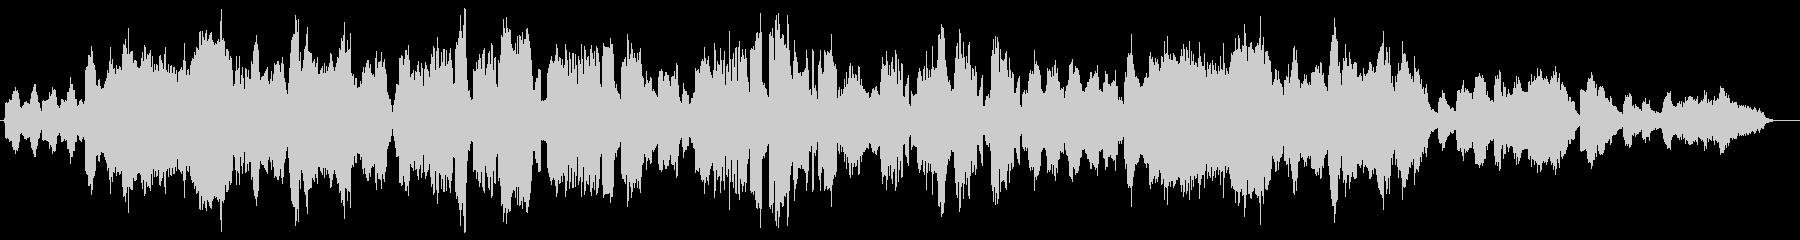 ミステリアスなバイオリン・オルガンなどの未再生の波形